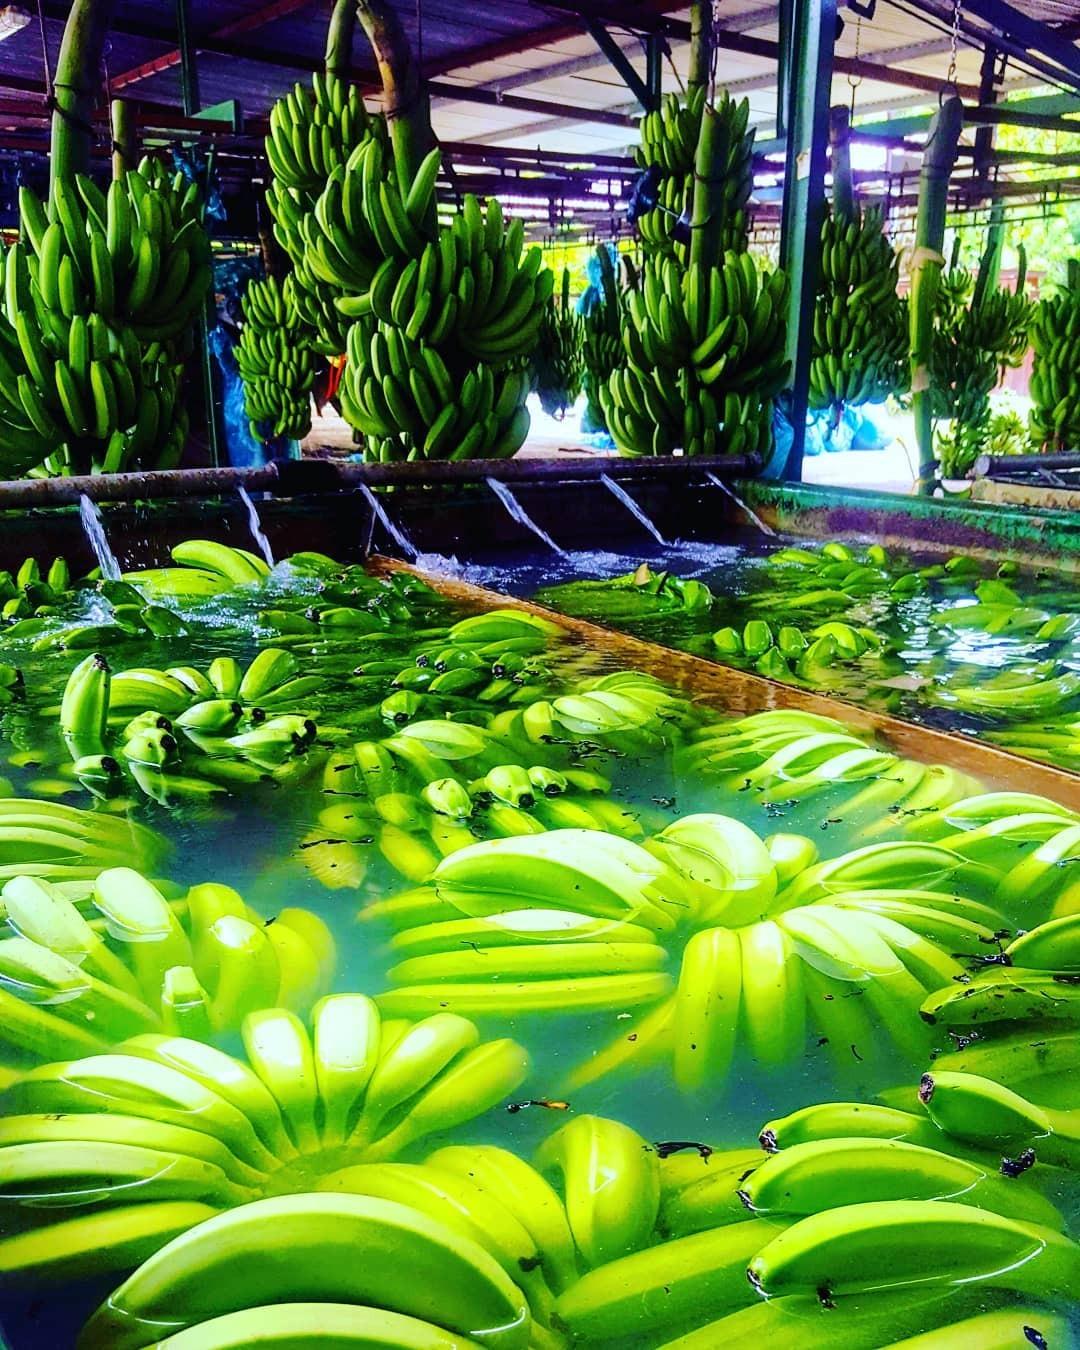 Bananes - Habitation Belfort